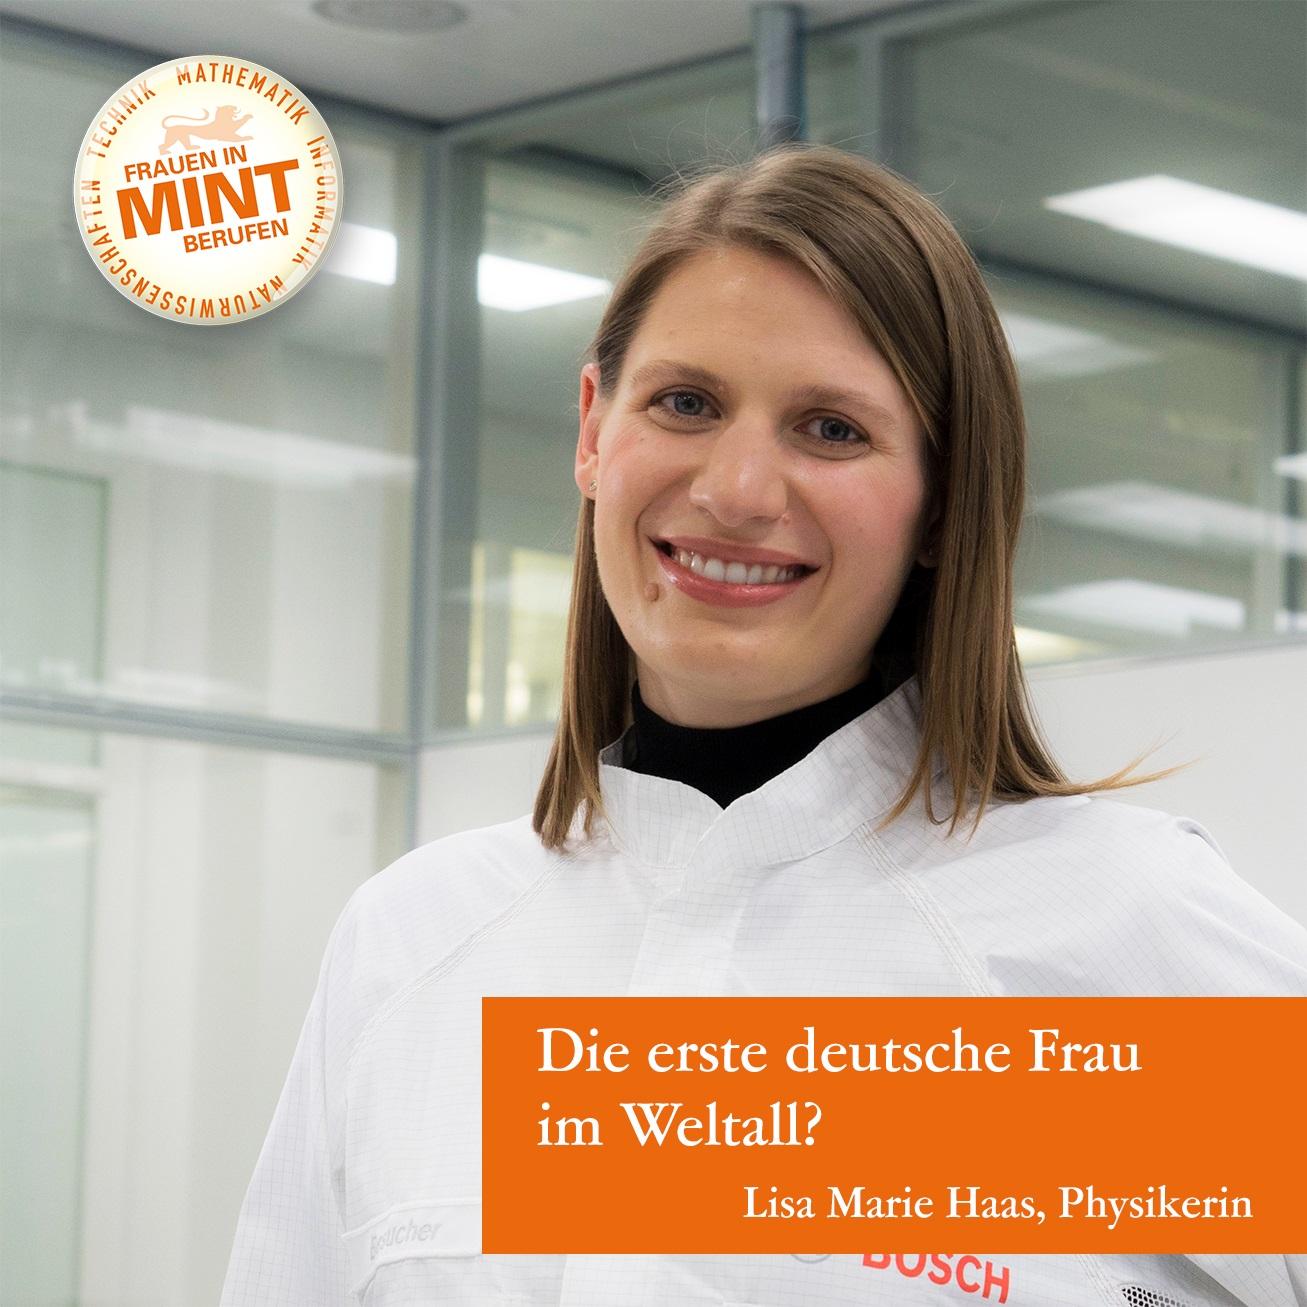 Die Physikerin Lisa Marie Haas lächelt in Arbeitskleidung freundlich in die Kamera. Im Bild ist eine Frage eingeblendet: Die erste deutsche Frau im Weltall?